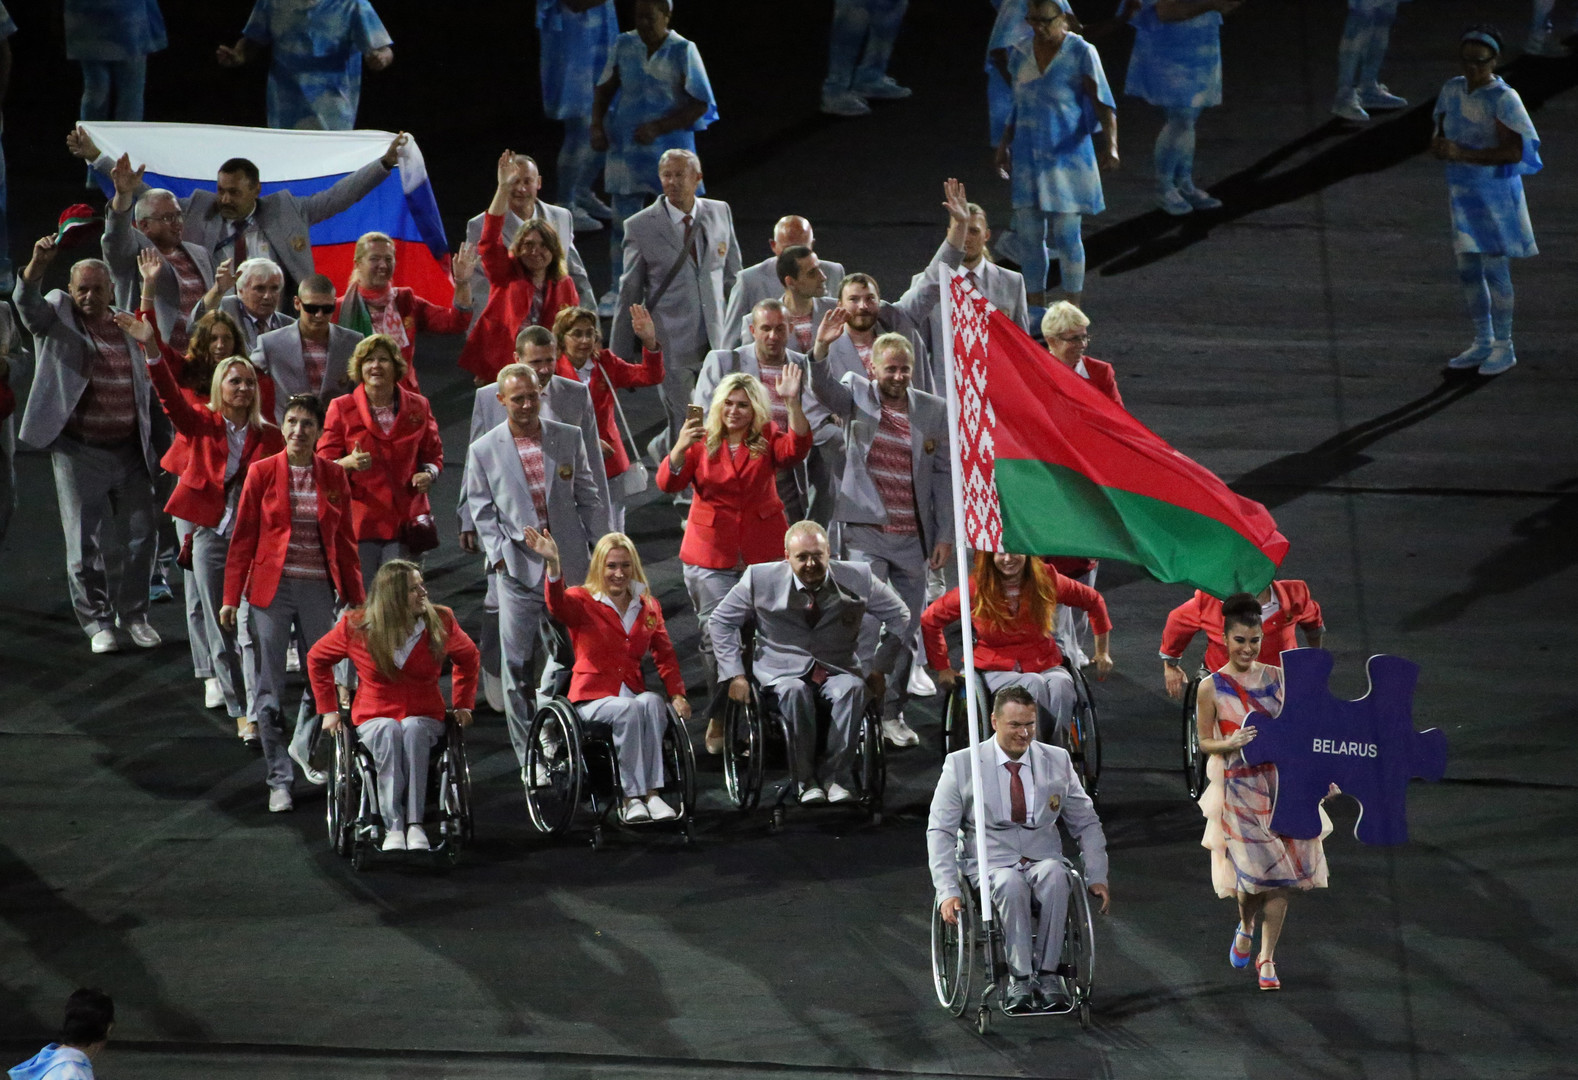 «Демонстрация неповиновения»: западные СМИ о флаге РФ в руках белорусских паралимпийцев